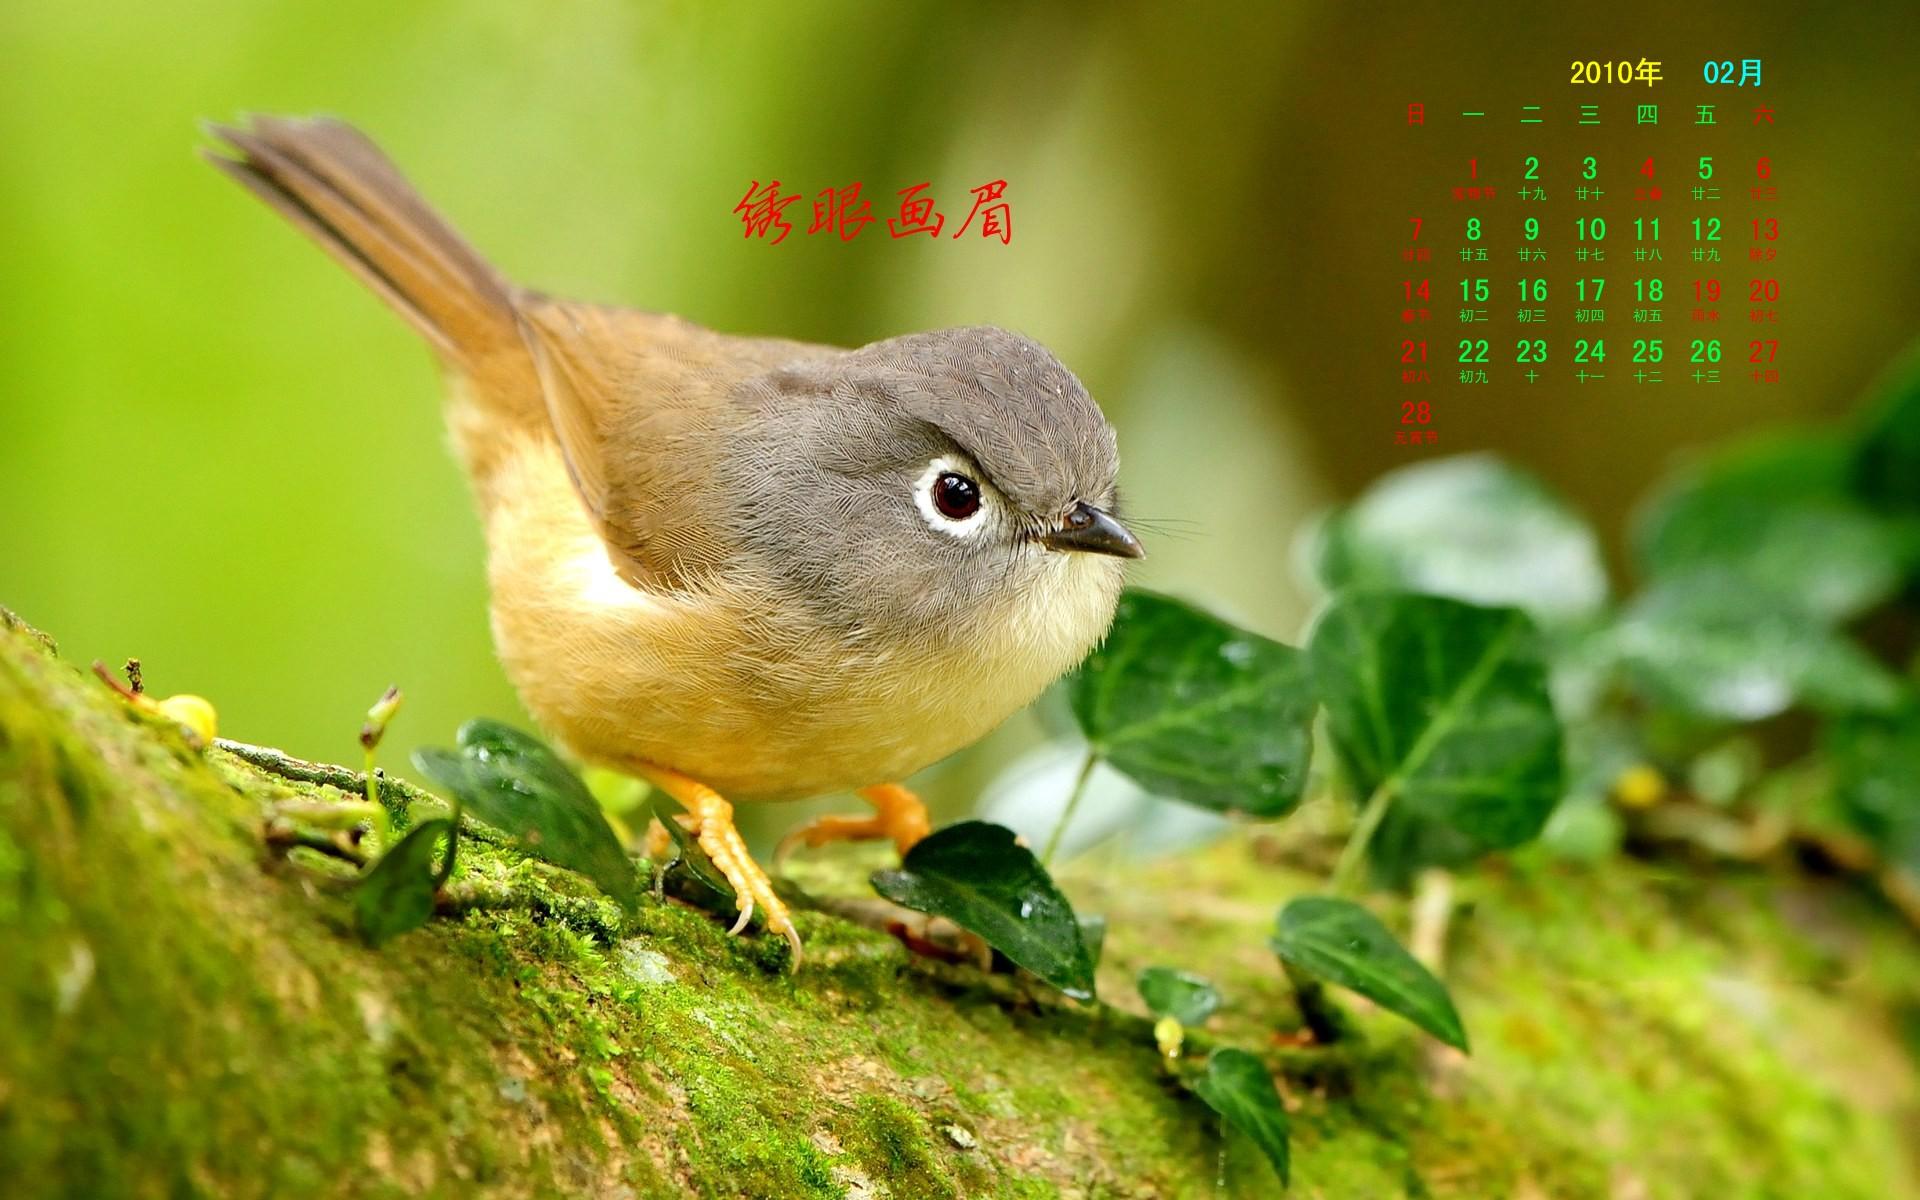 худенькая птичка на лужайке без смс